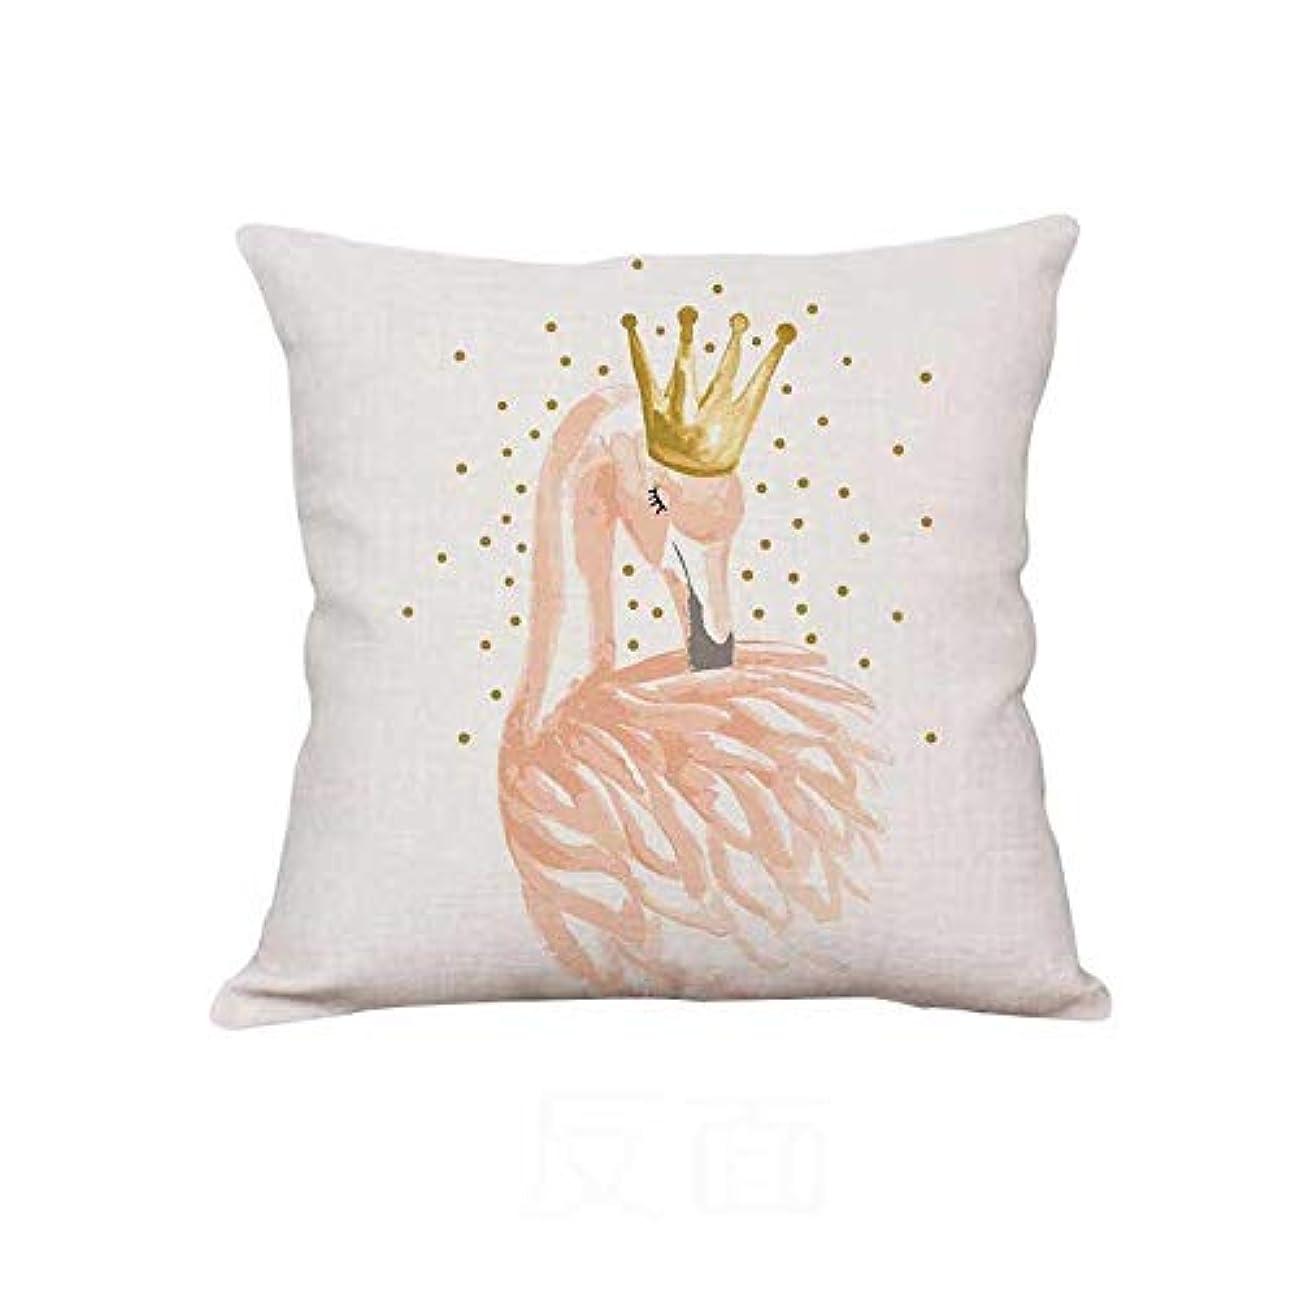 弁護士土教養があるLIFE 新しいぬいぐるみピンクフラミンゴクッションガチョウの羽風船幾何北欧家の装飾ソファスロー枕用女の子ルーム装飾 クッション 椅子